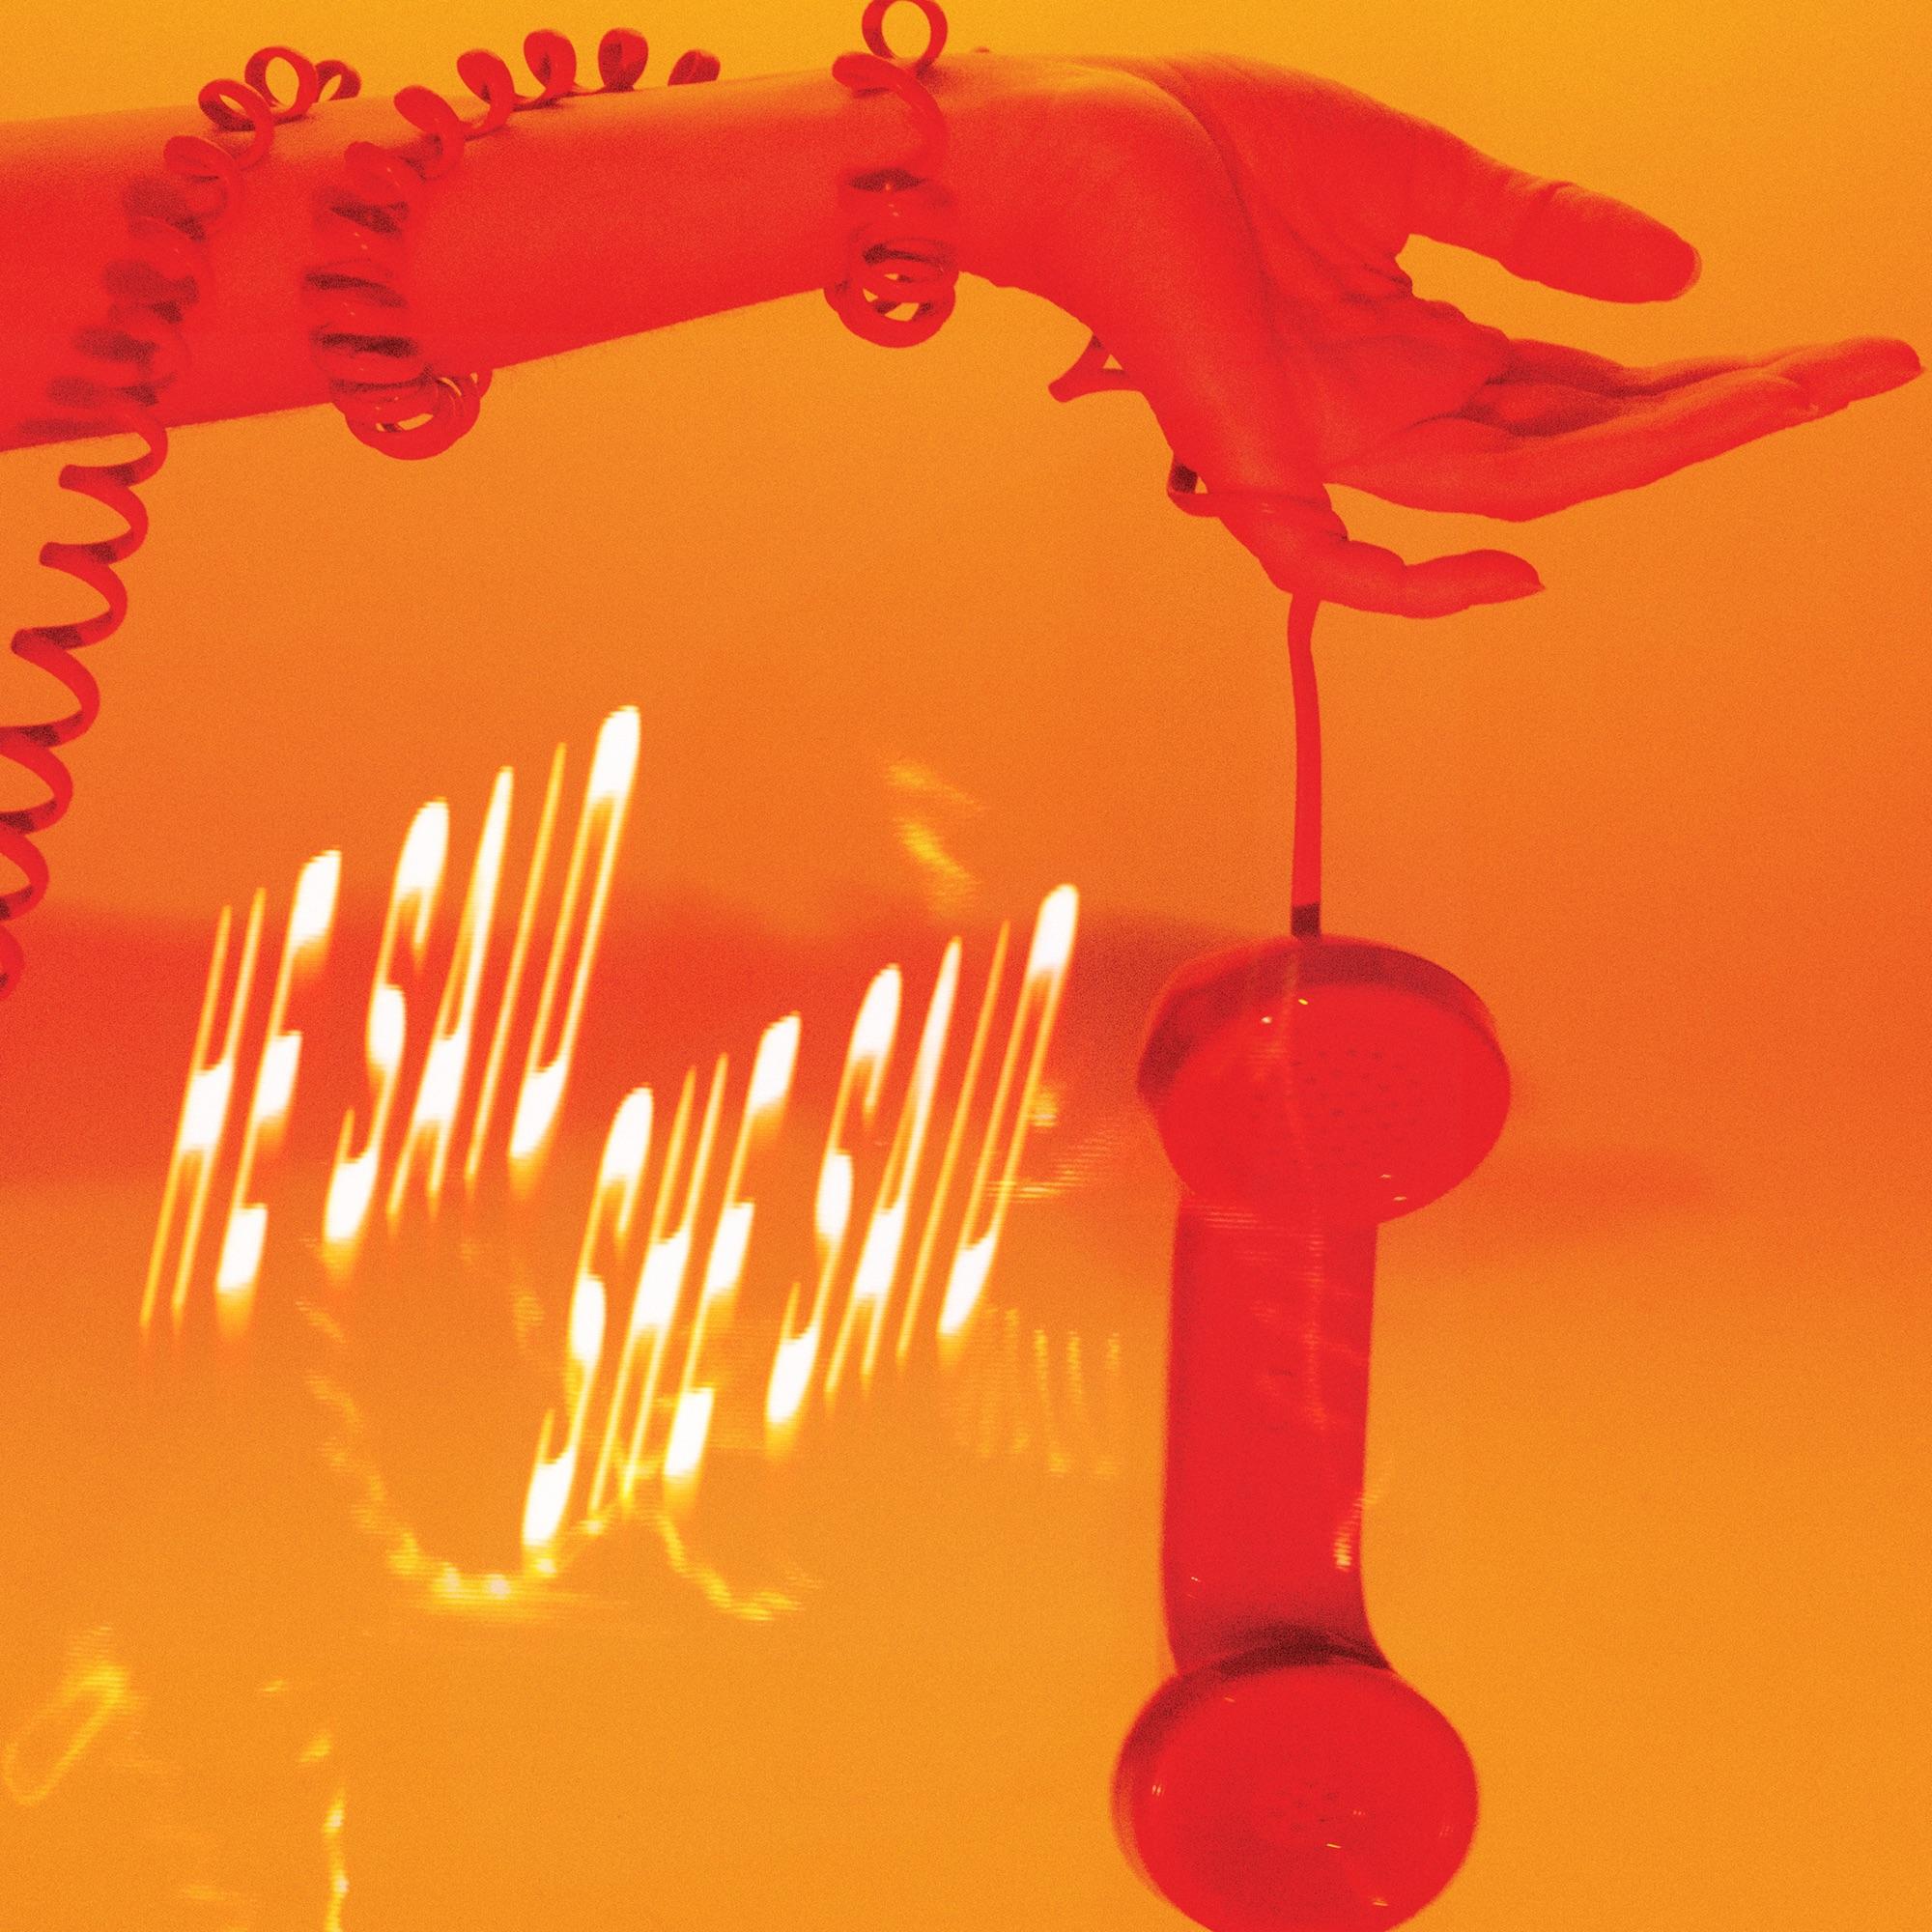 """Capa do single """"He Said She Said"""", da banda CHVRCHES. Uma mão se estende da esquerda para a direita, com a palma virada para cima e o fio de um telefone retrô se enrolando pelo abraço, com o telefone vermelho pendendo para baixo, segurado pelo dedo mindinho da mão. O título do single aparece no canto inferior esquerdo, abaixo do braço, em letras maiúsculas, inclinadas para a esquerda e que dão a impressão de estarem sendo espremidas. A capa toda é banhada em uma luz alaranjada, com o título em amarelo incandescente."""